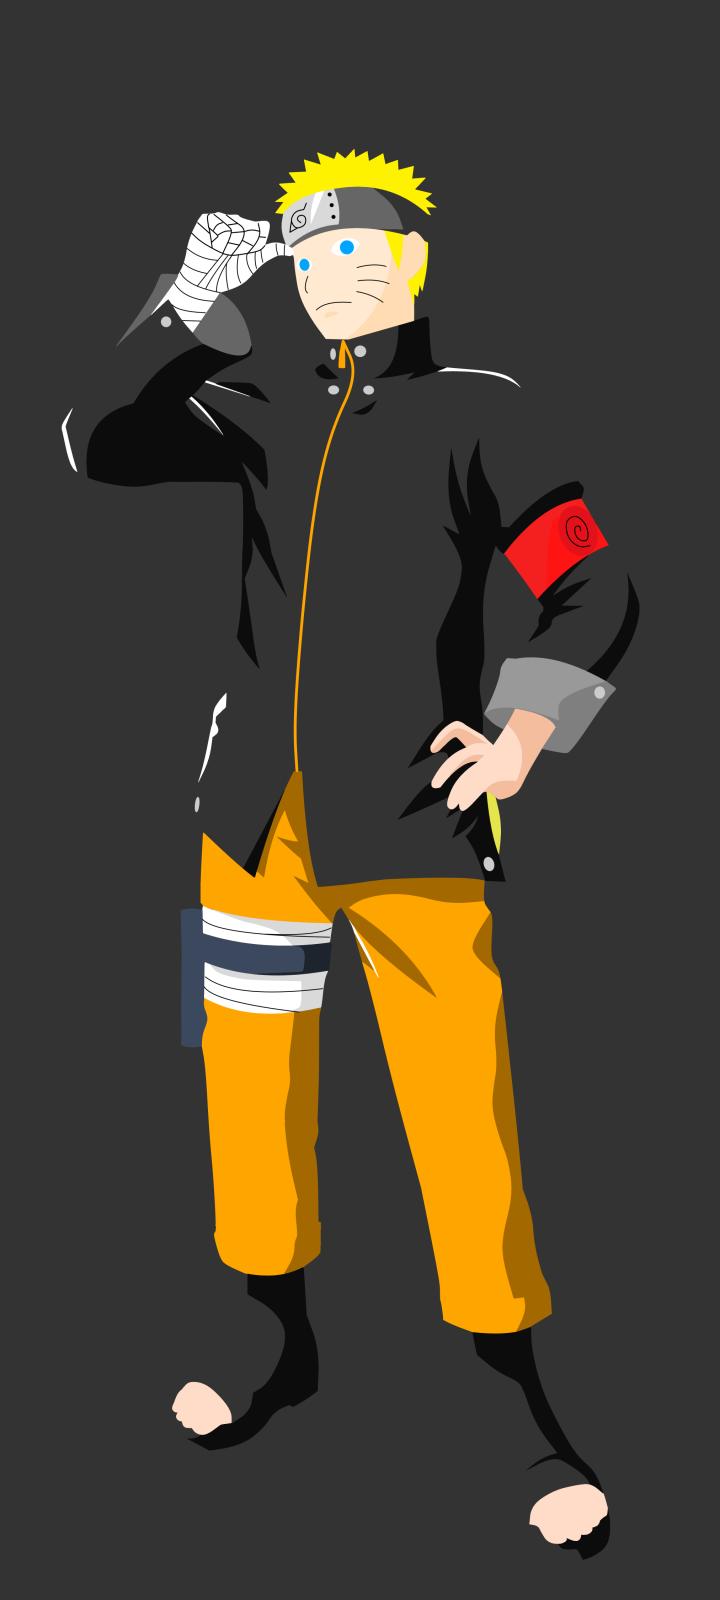 Tobi Akatsuki Iphone Wallpaper Resolution Desktop Naruto High